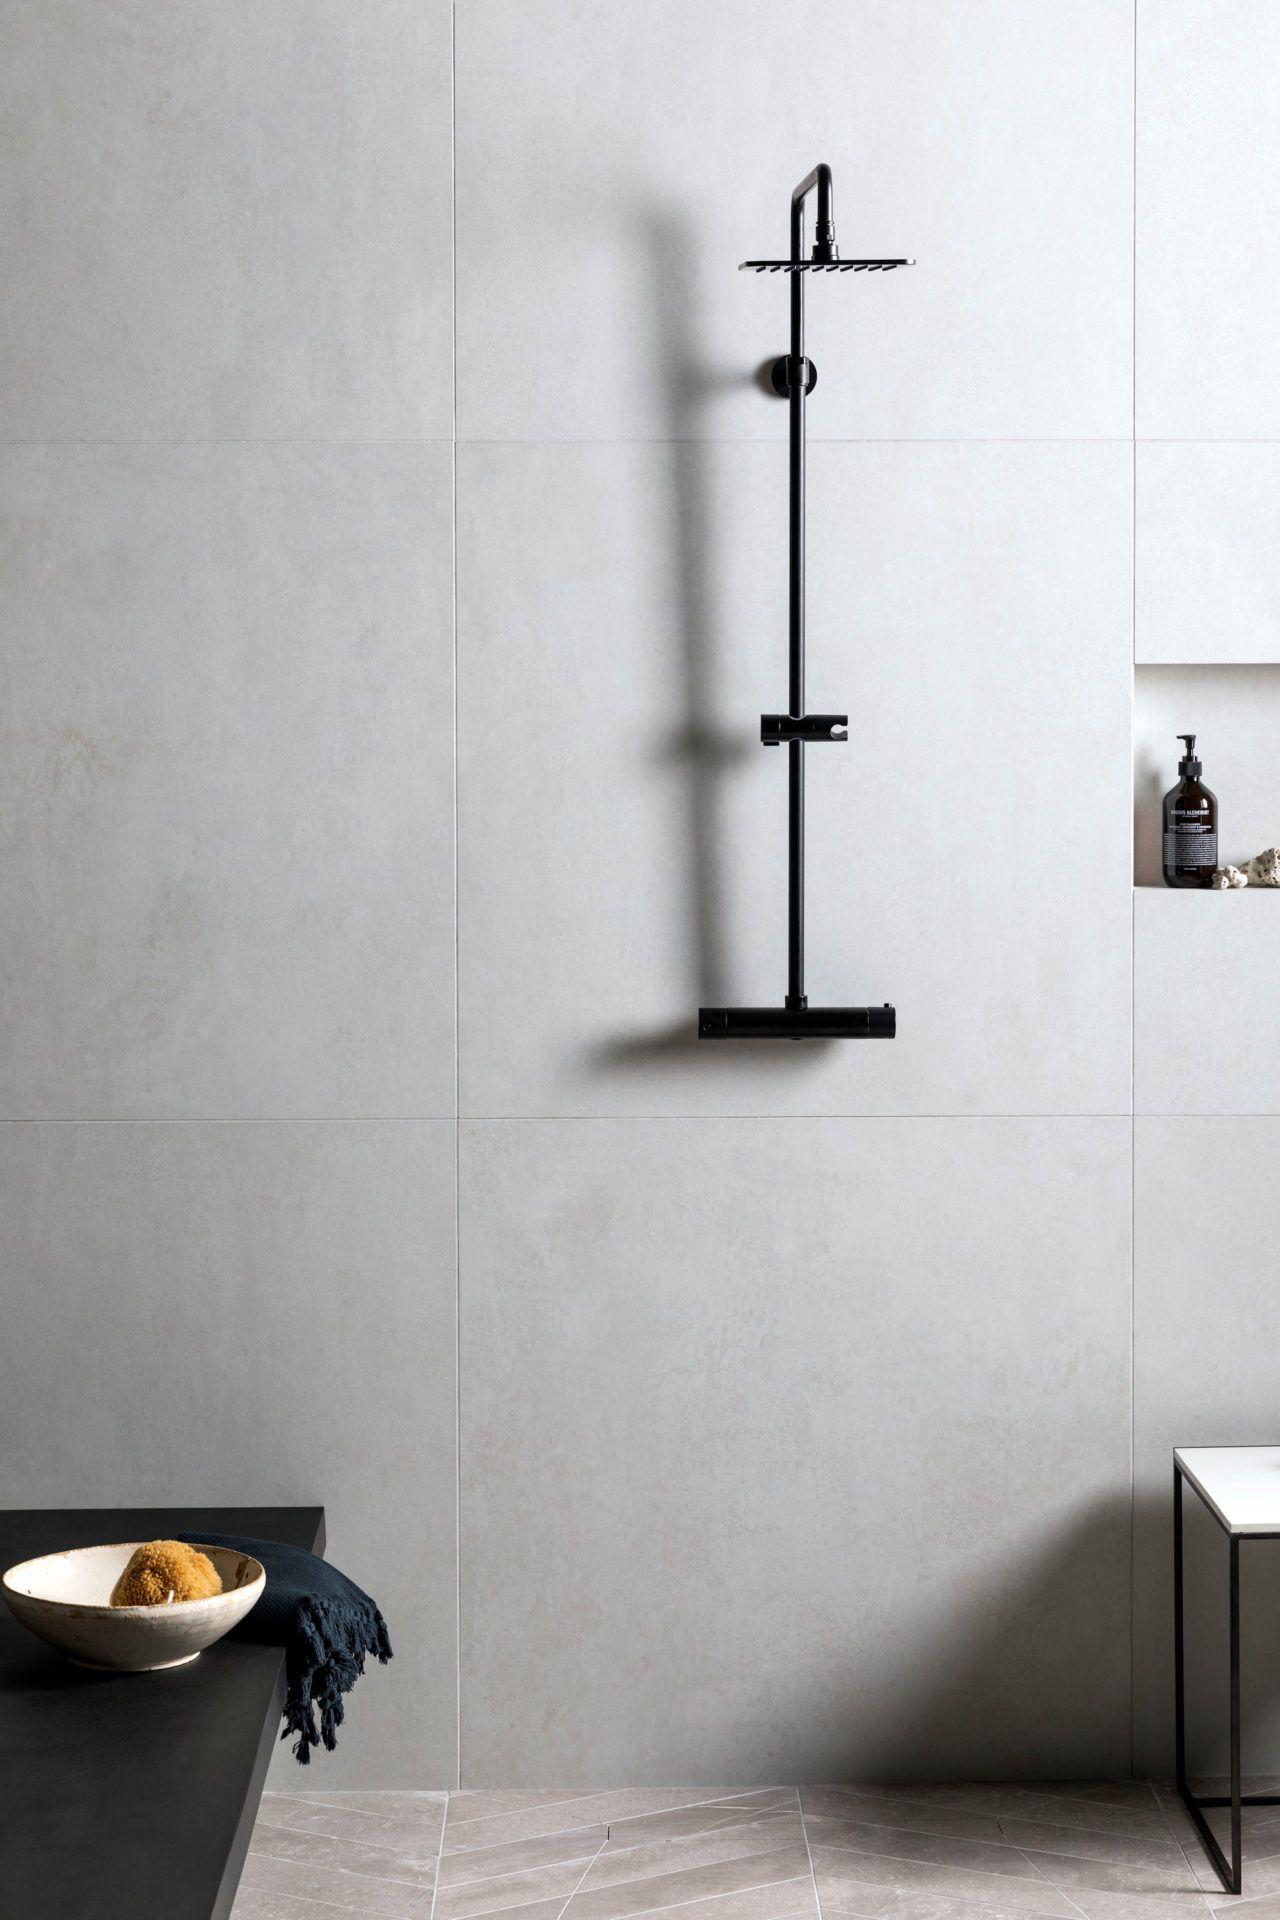 Cemento White Matt Porcelain Tiles Mandarin Stone Mandarin Stone Matt Porcelain Tiles Concrete Tiles Bathroom